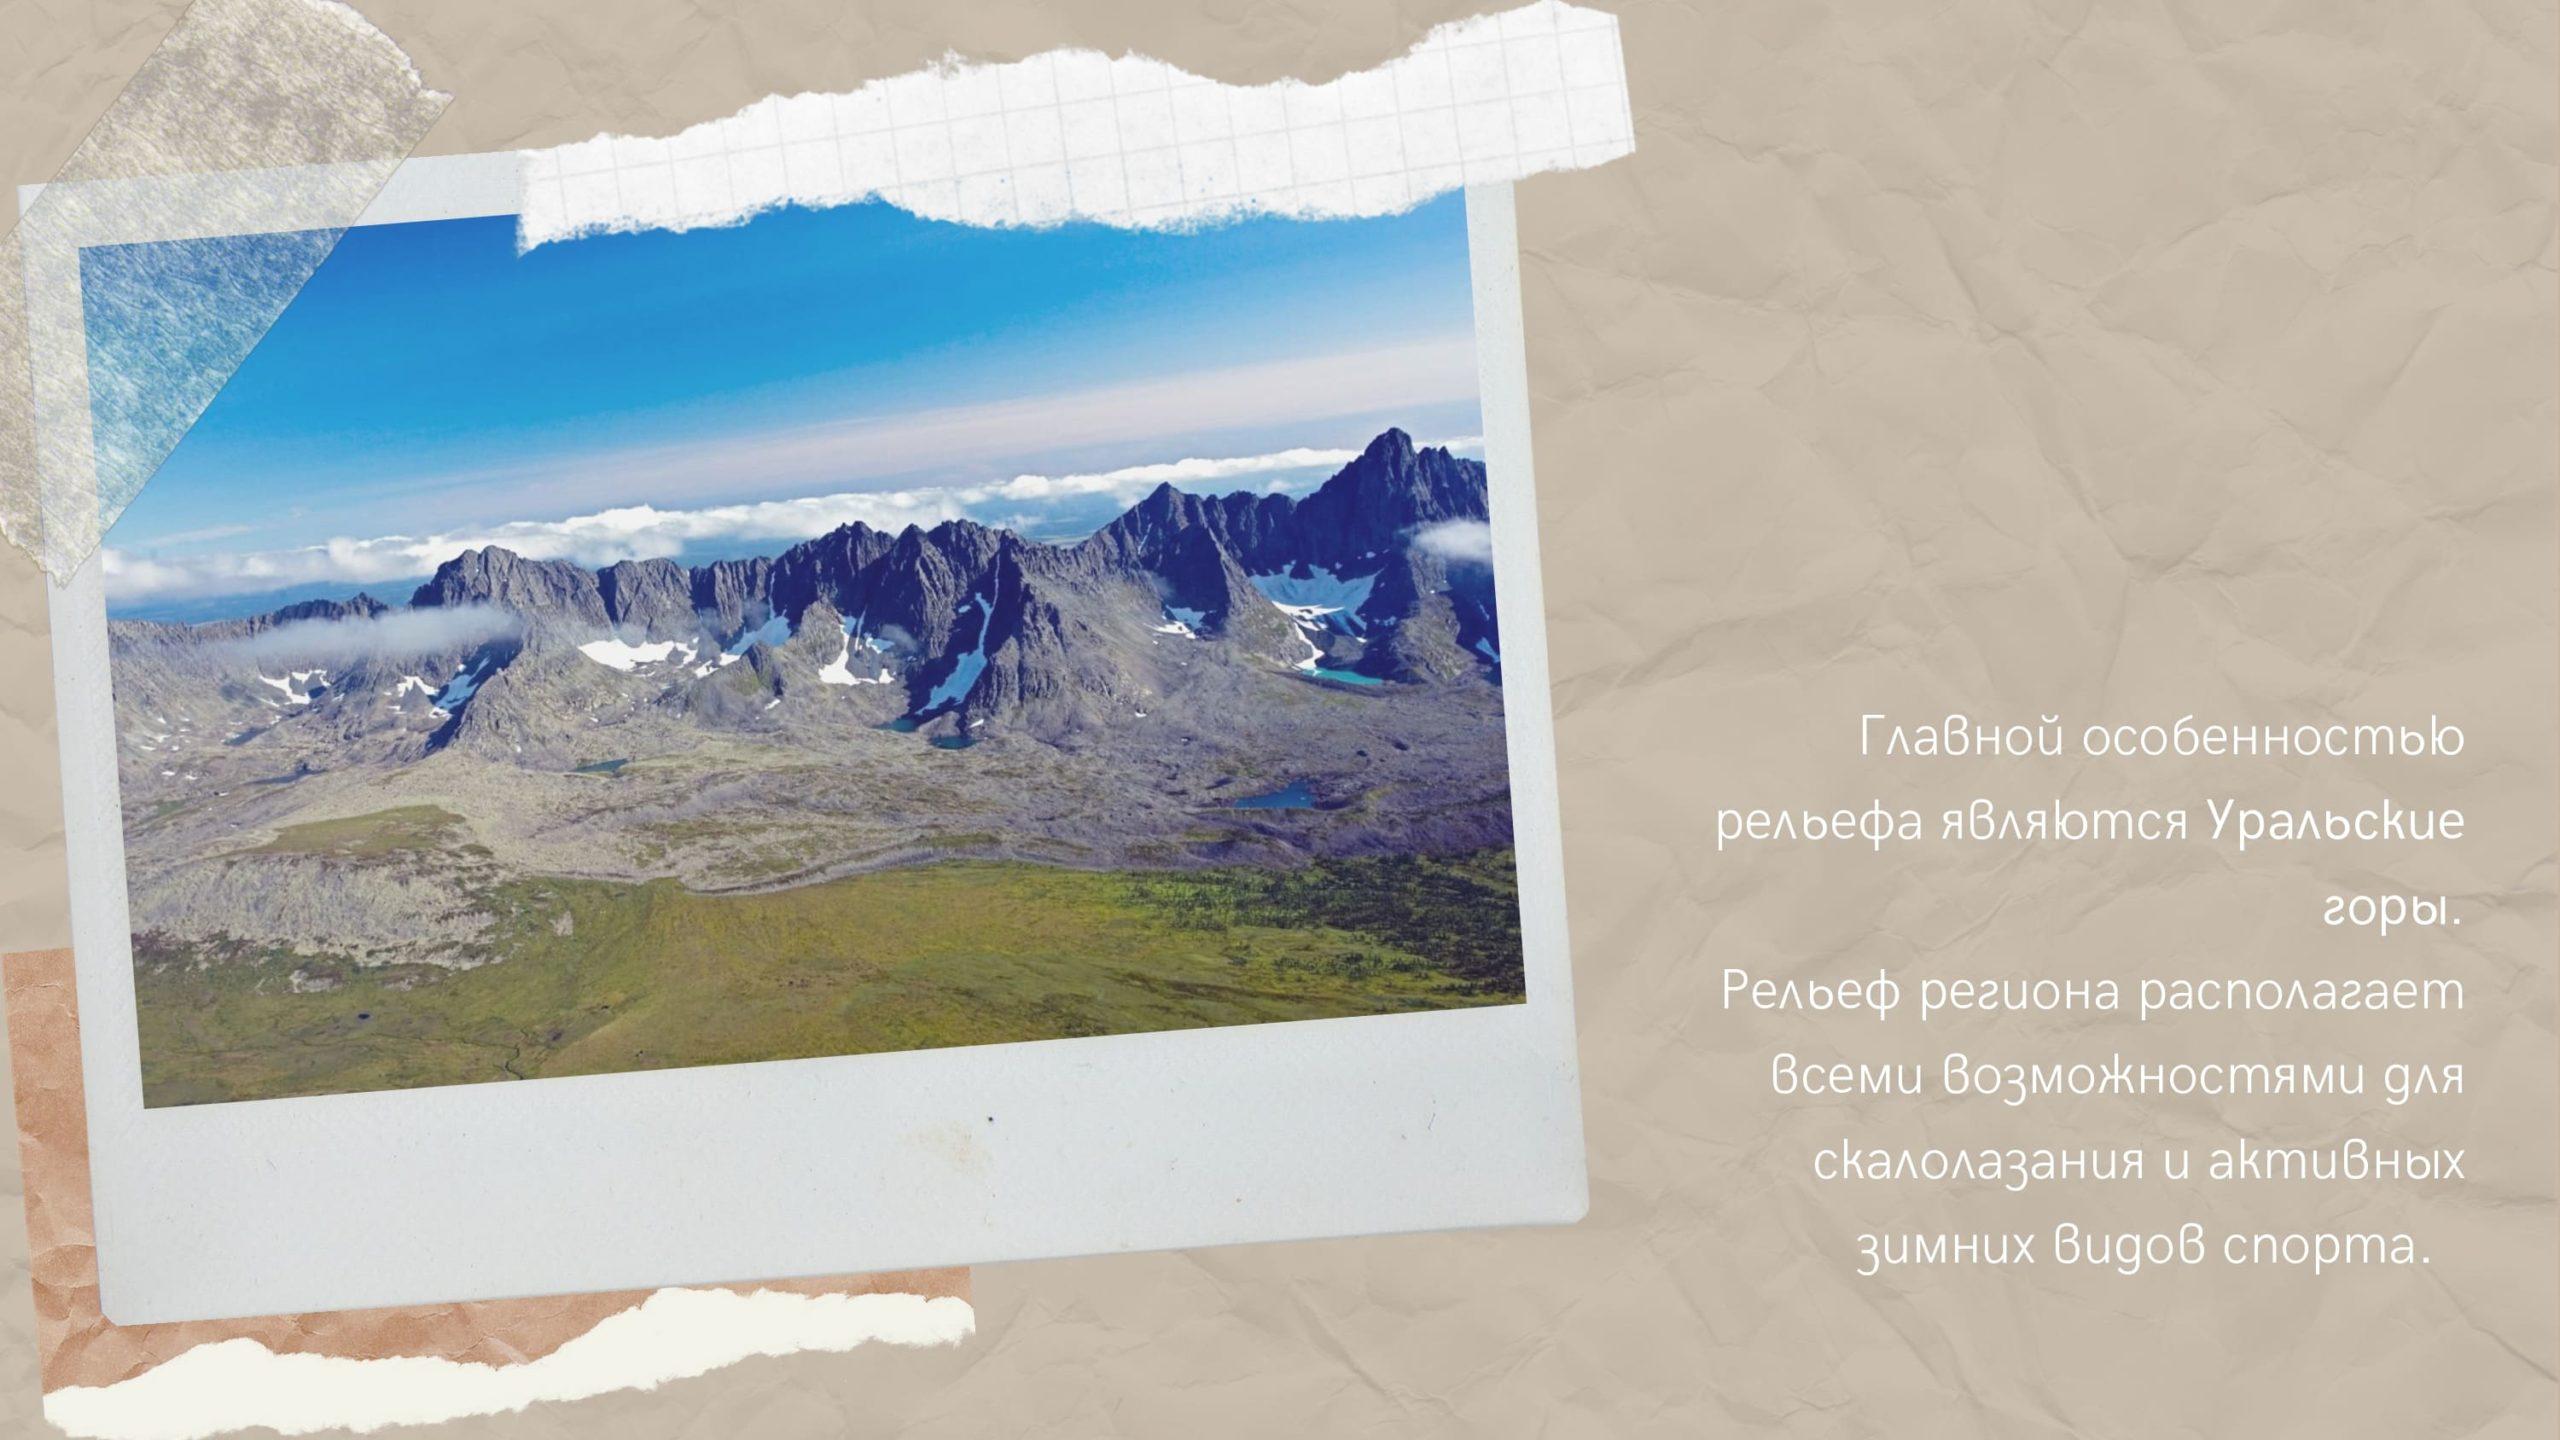 Главной особенностью рельефа являются Уральские горы